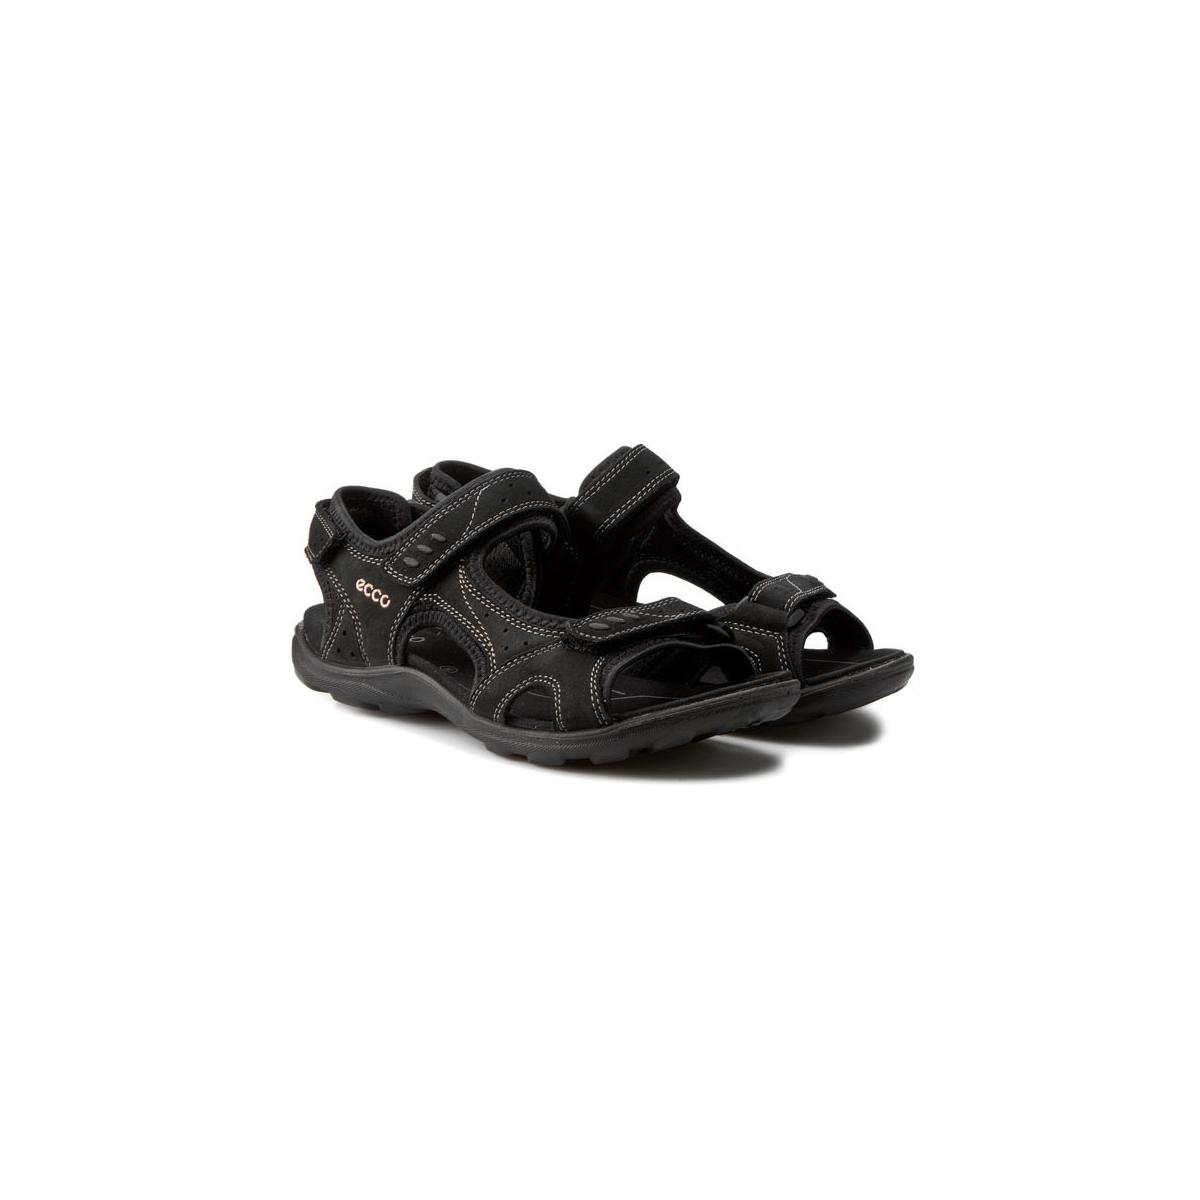 Sandalo Strappi Kana Black...